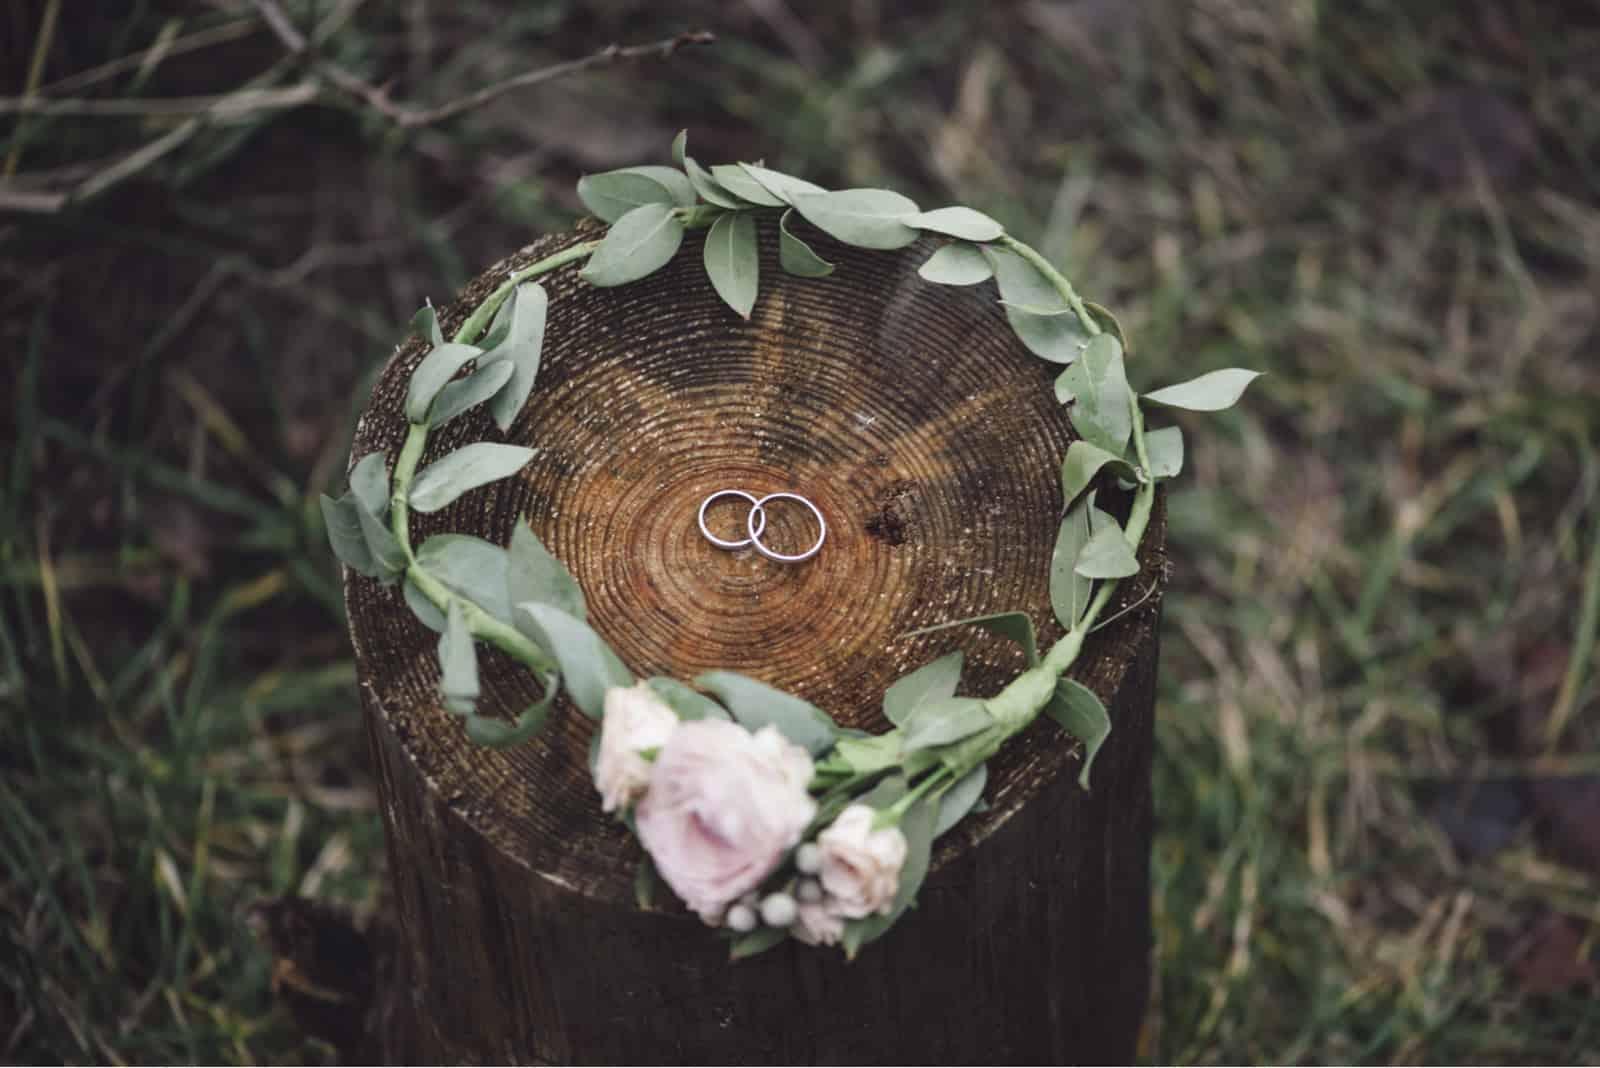 Eheringe auf einem Baum in einem Blumenkranz